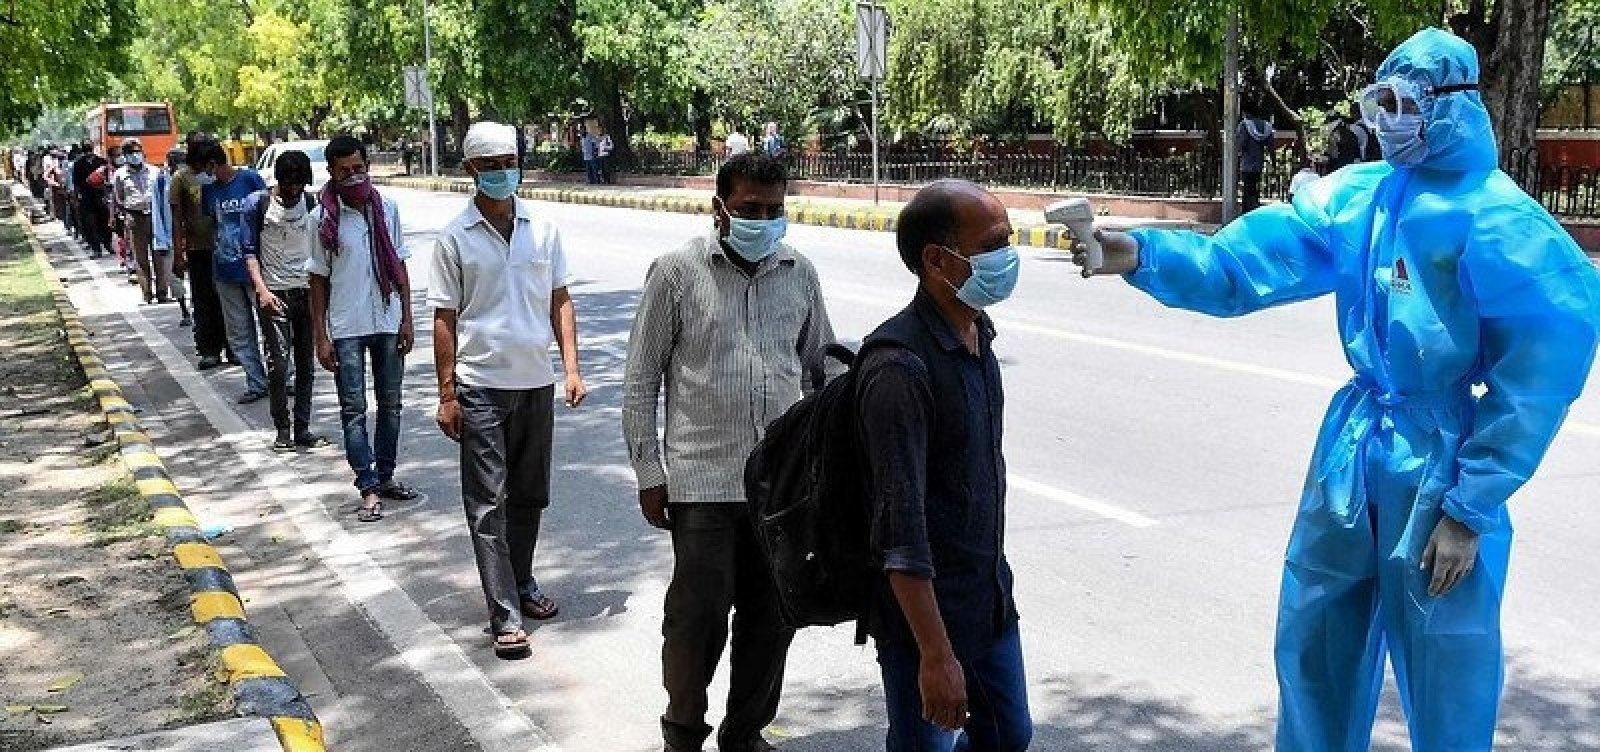 Índia passa Brasil e é 2º país com mais casos de Covid-19 no mundo